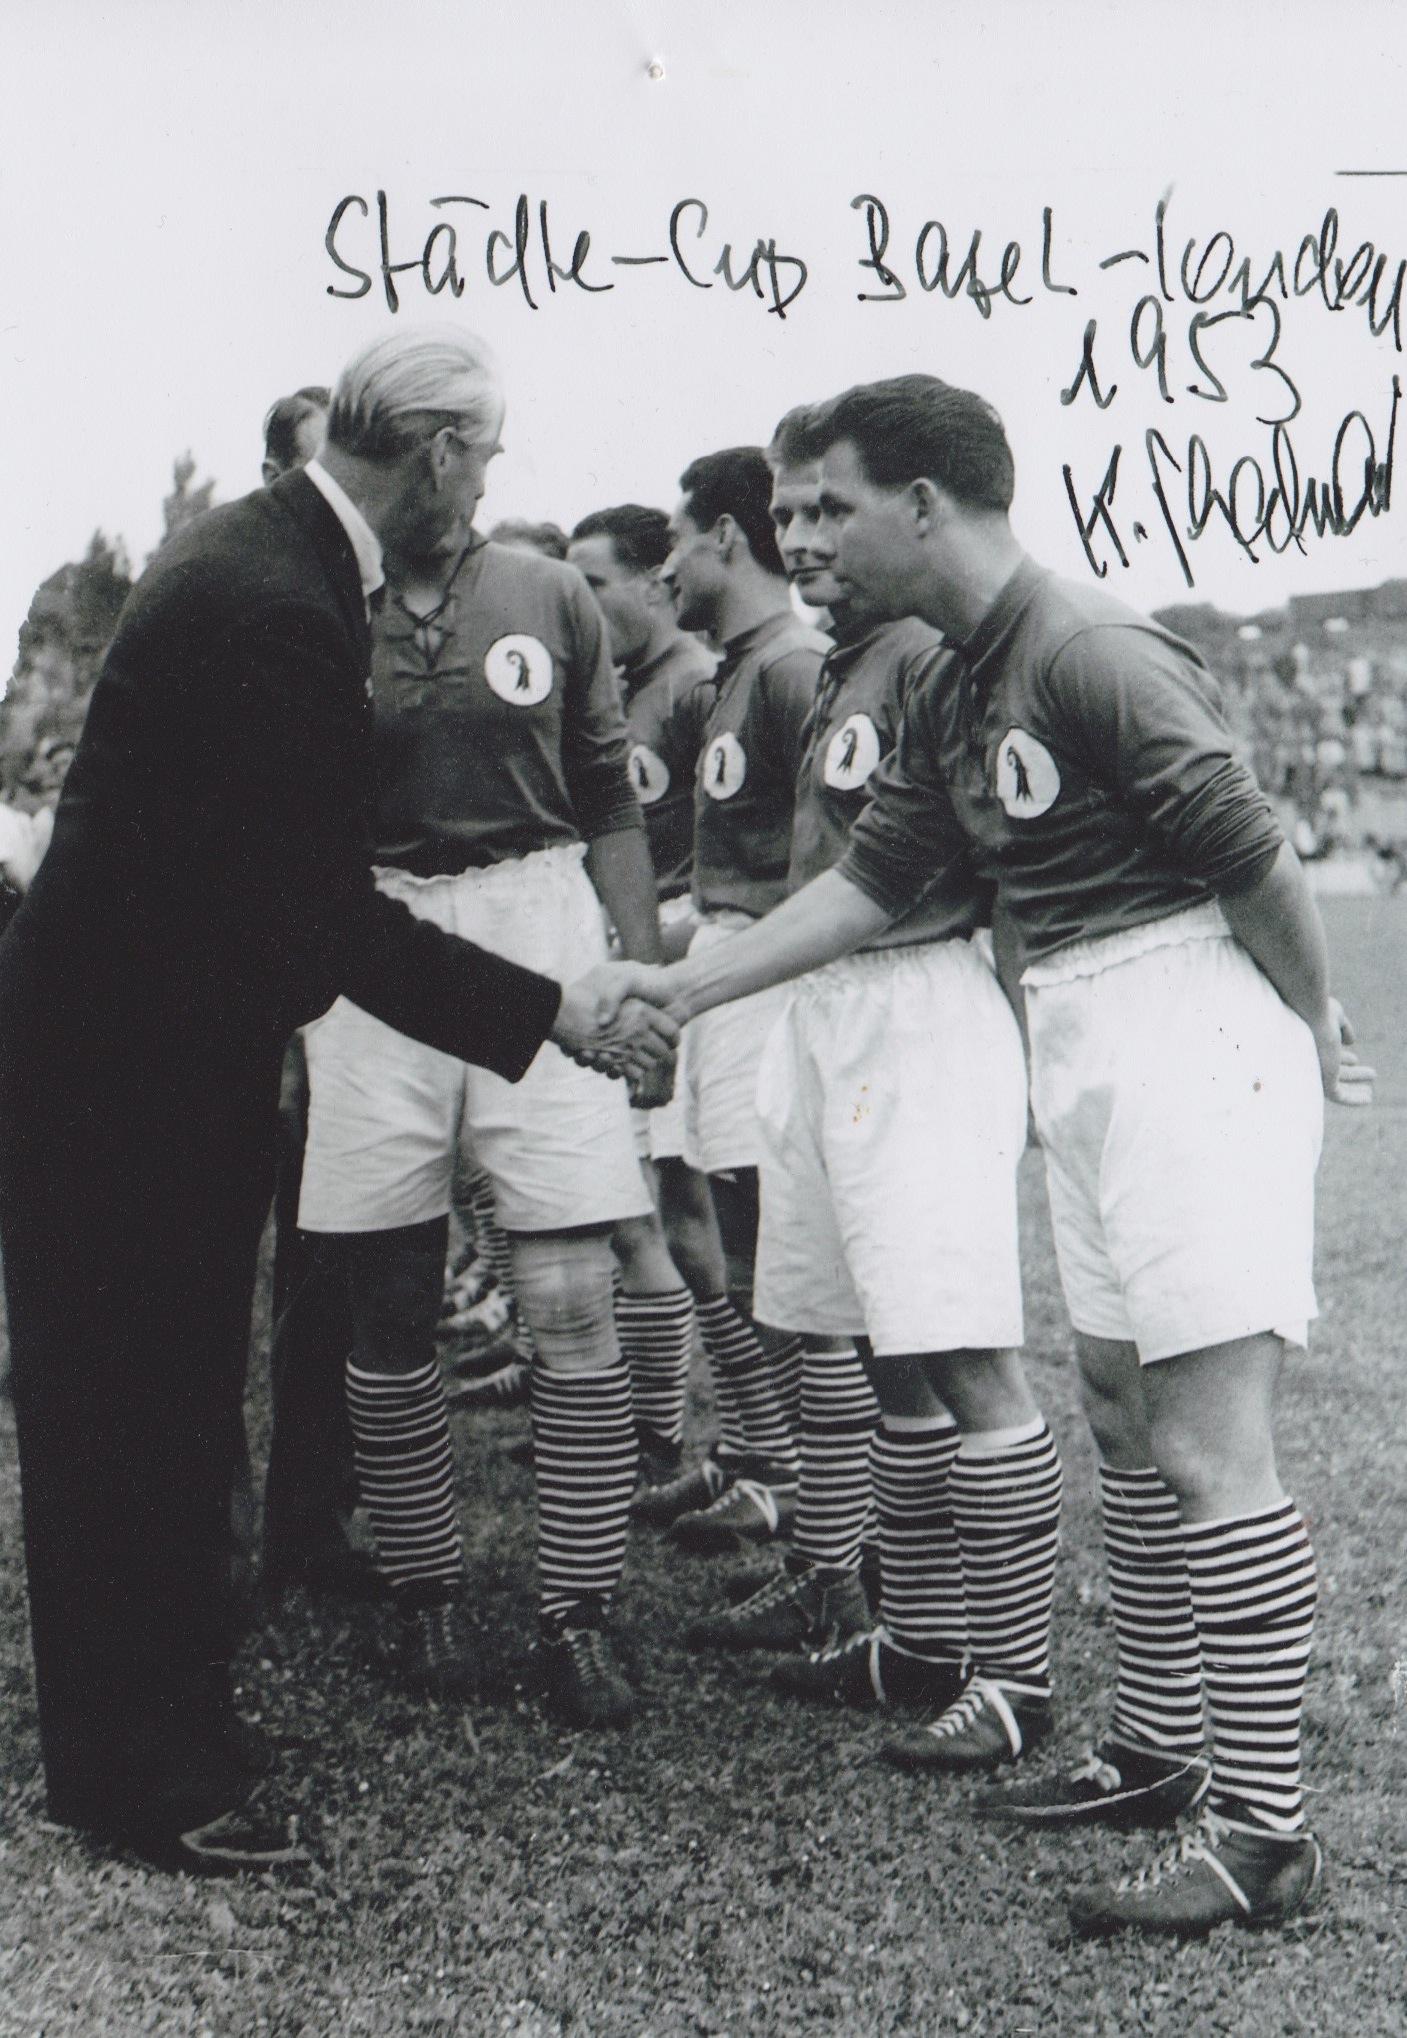 Eine Erinnerungskarte von Kurt Thalmann an ein Spiel der Basler Städteauswahl 1953 gegen London. Auf dem Bild schüttelt Thalmann die Hand eines englischen Adligen.